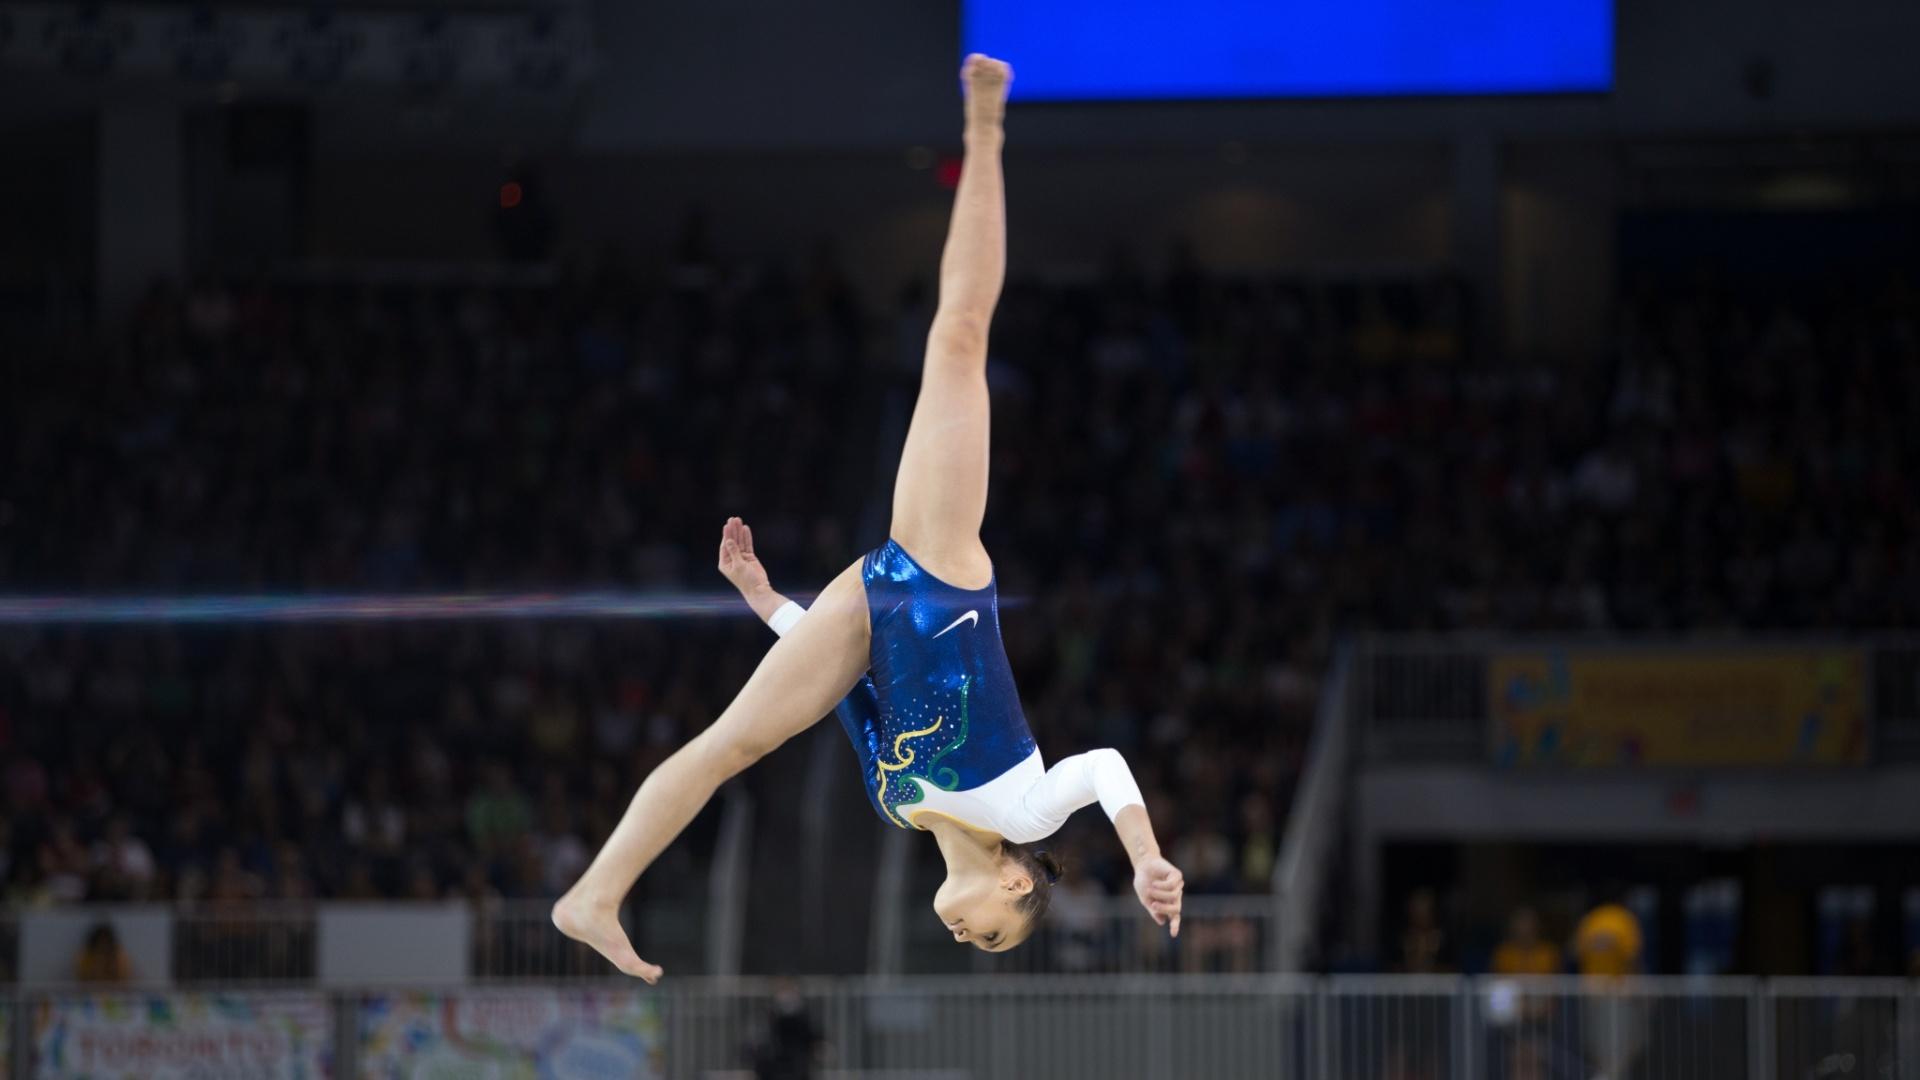 Julie Kim Sinmon terminou a final da trave na quarta colocação